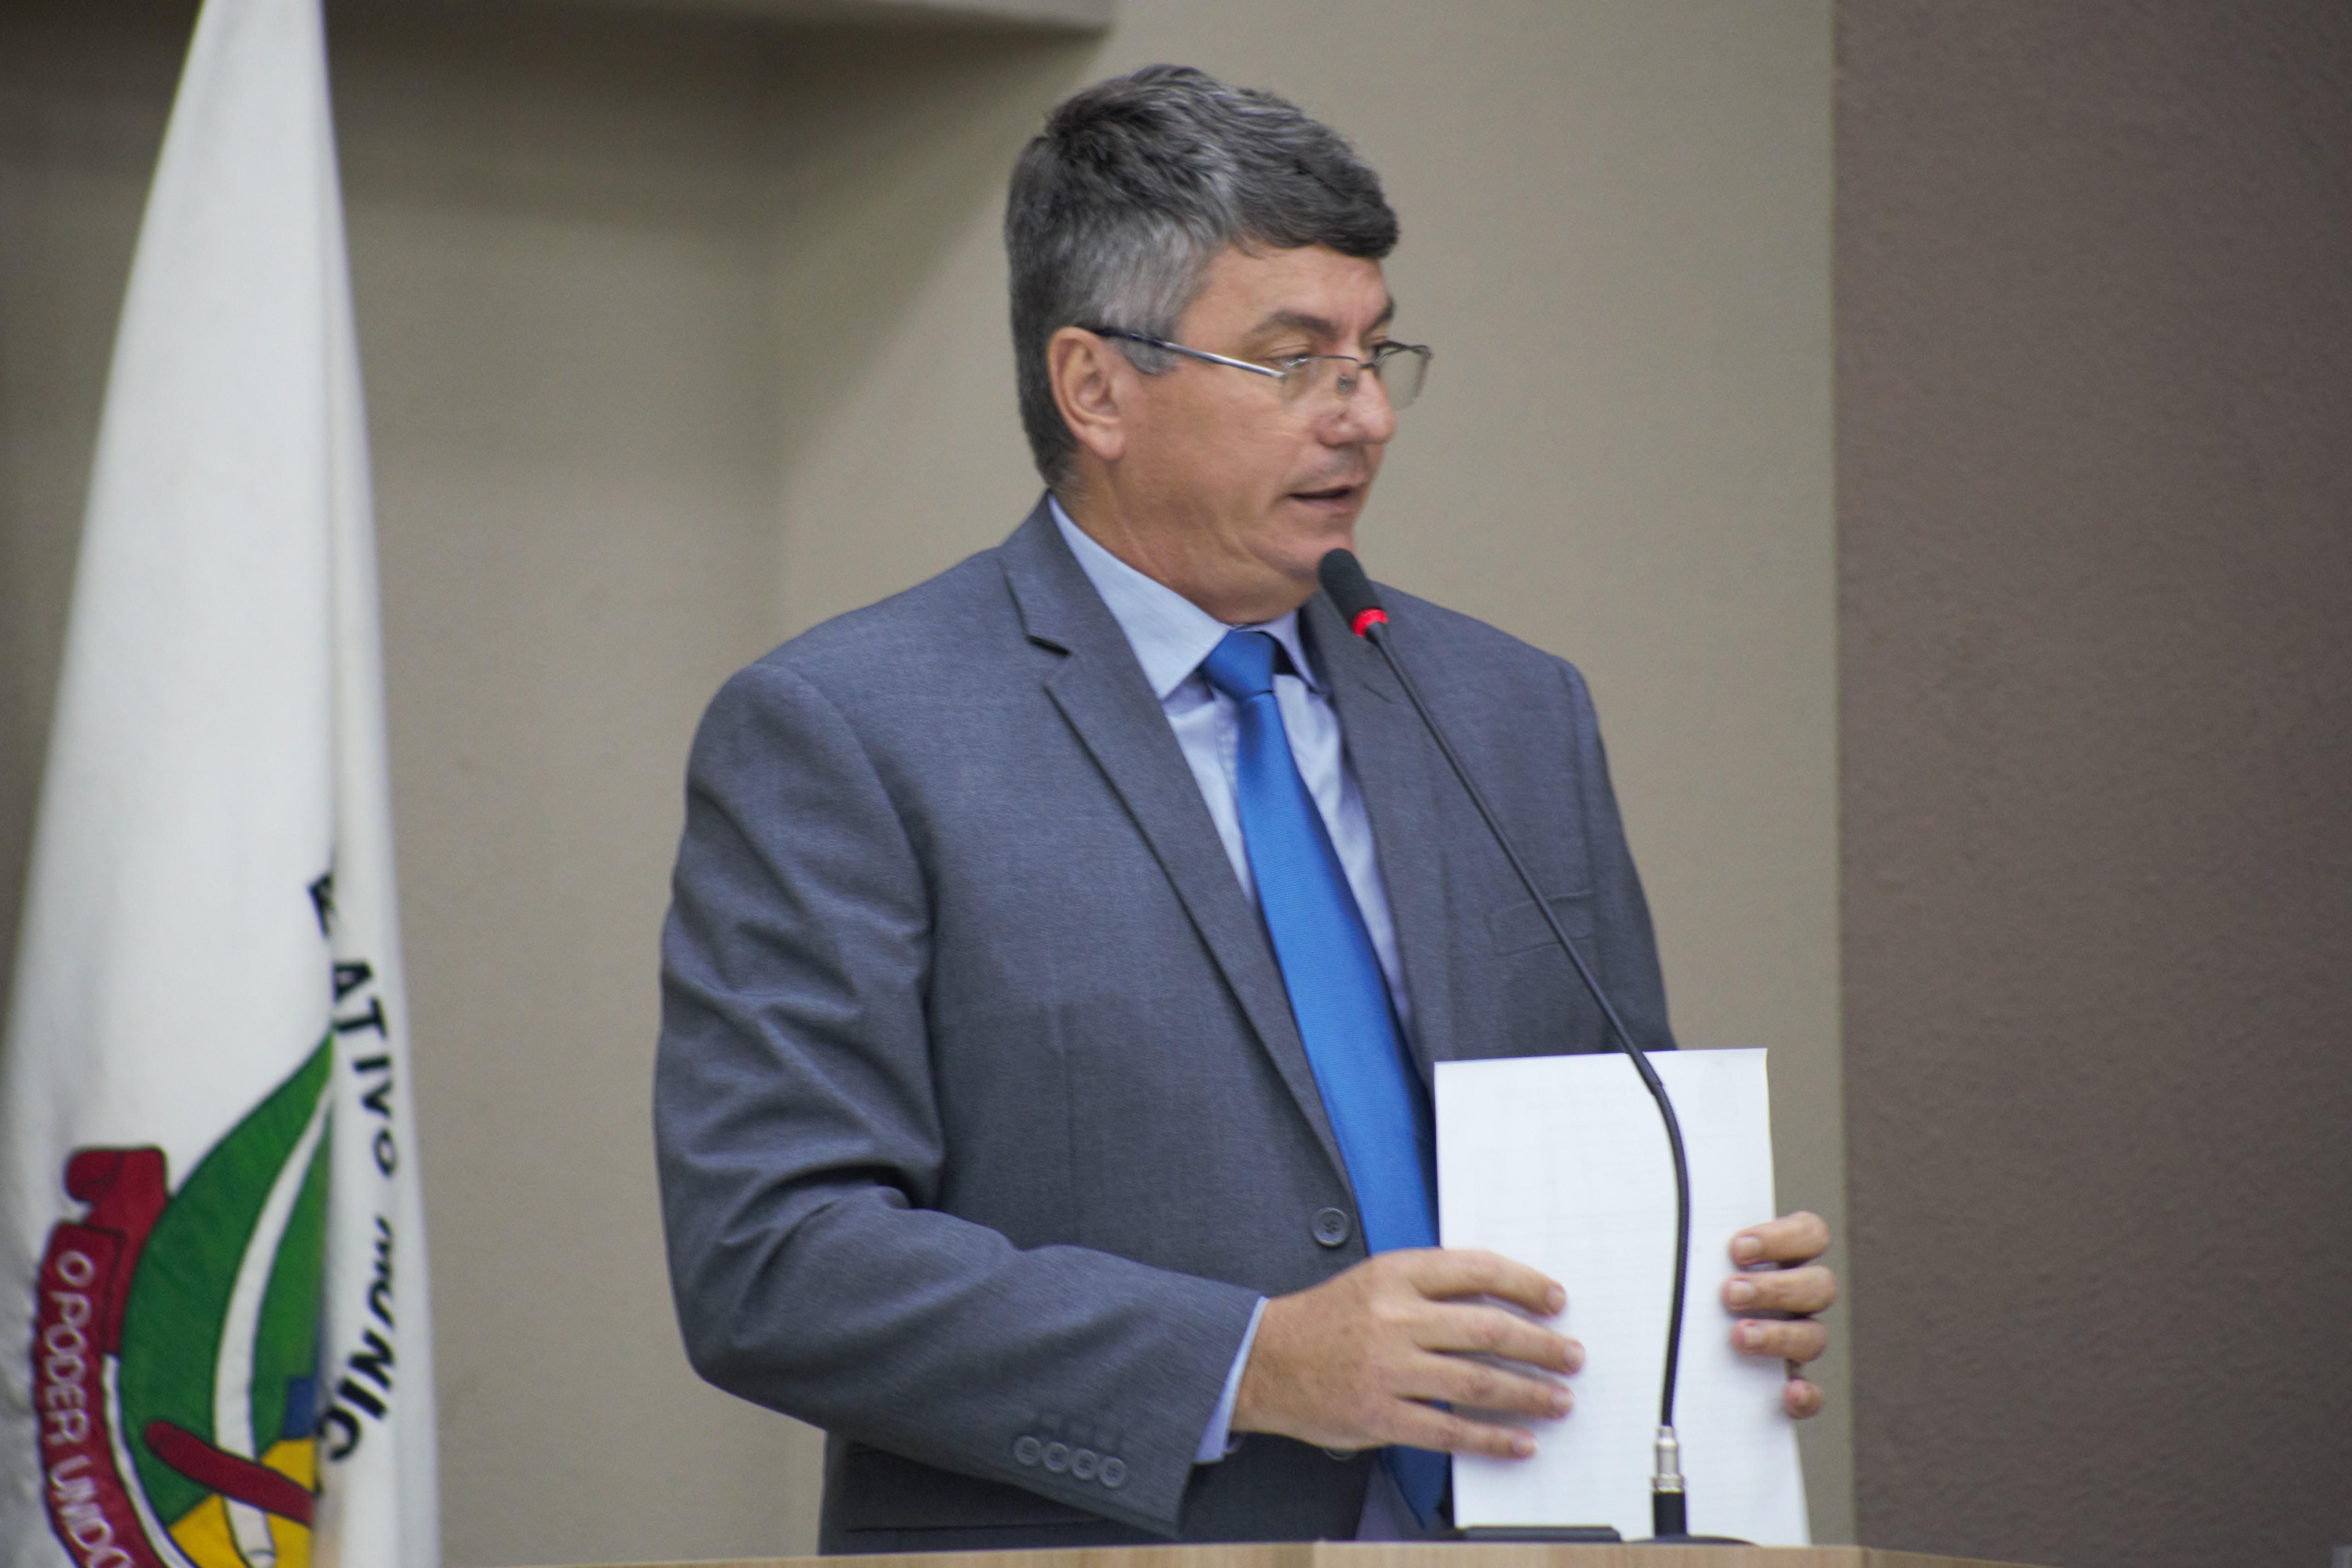 Leonardo Visera pede reforma da UBS Sebastião de Matos